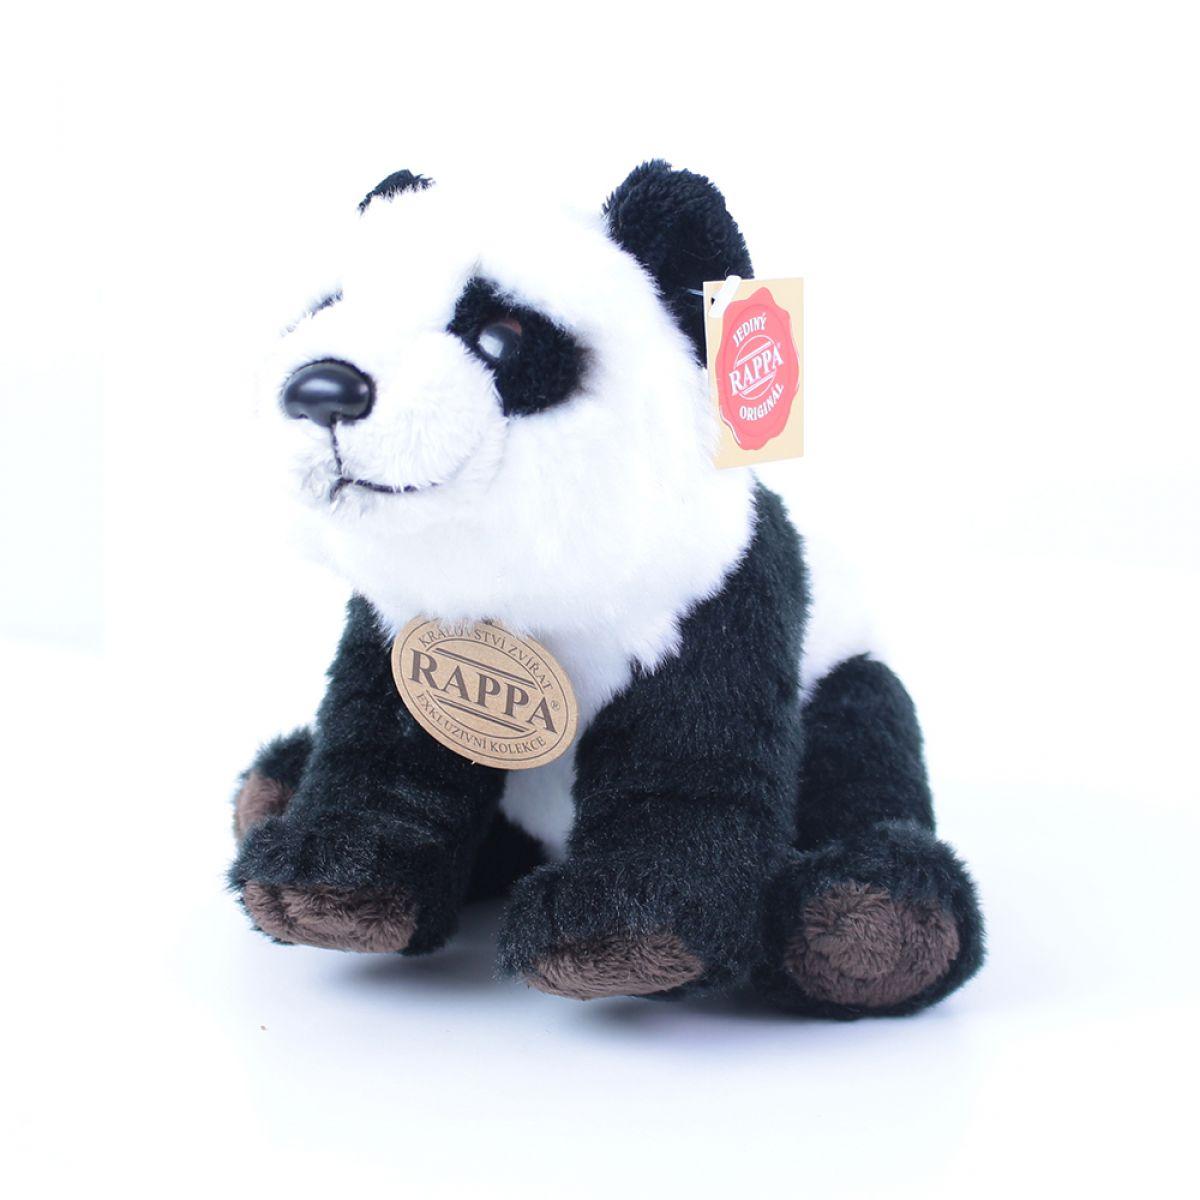 Rappa plyšová panda sedící nebo stojící 22 cm